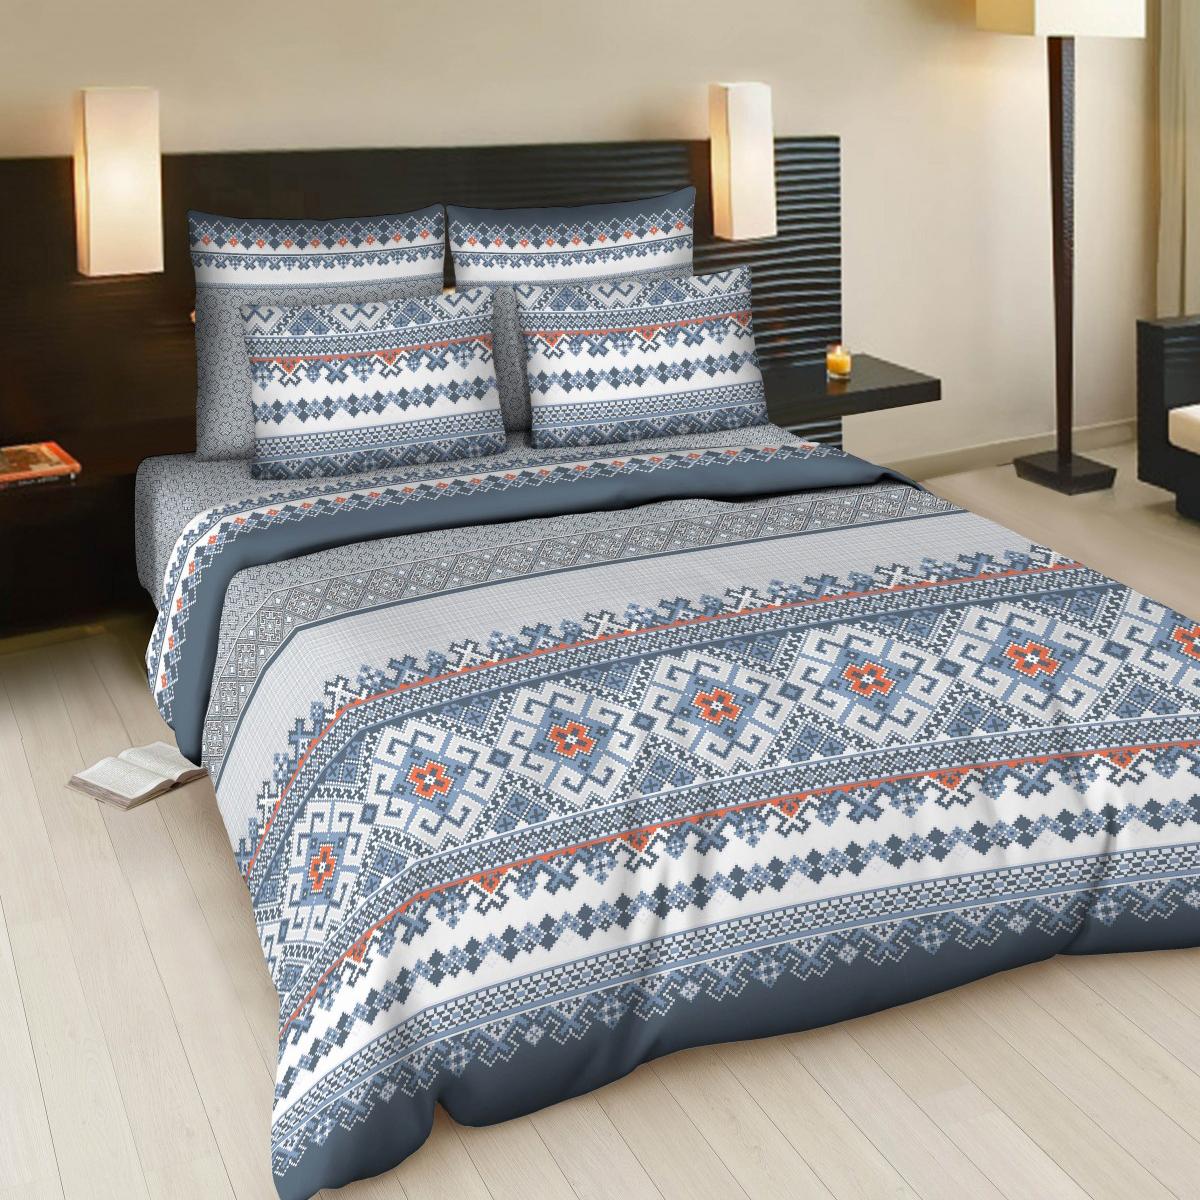 Комплект белья Letto Народные узоры, 1,5-спальный, наволочки 70х70, цвет: синий, белый